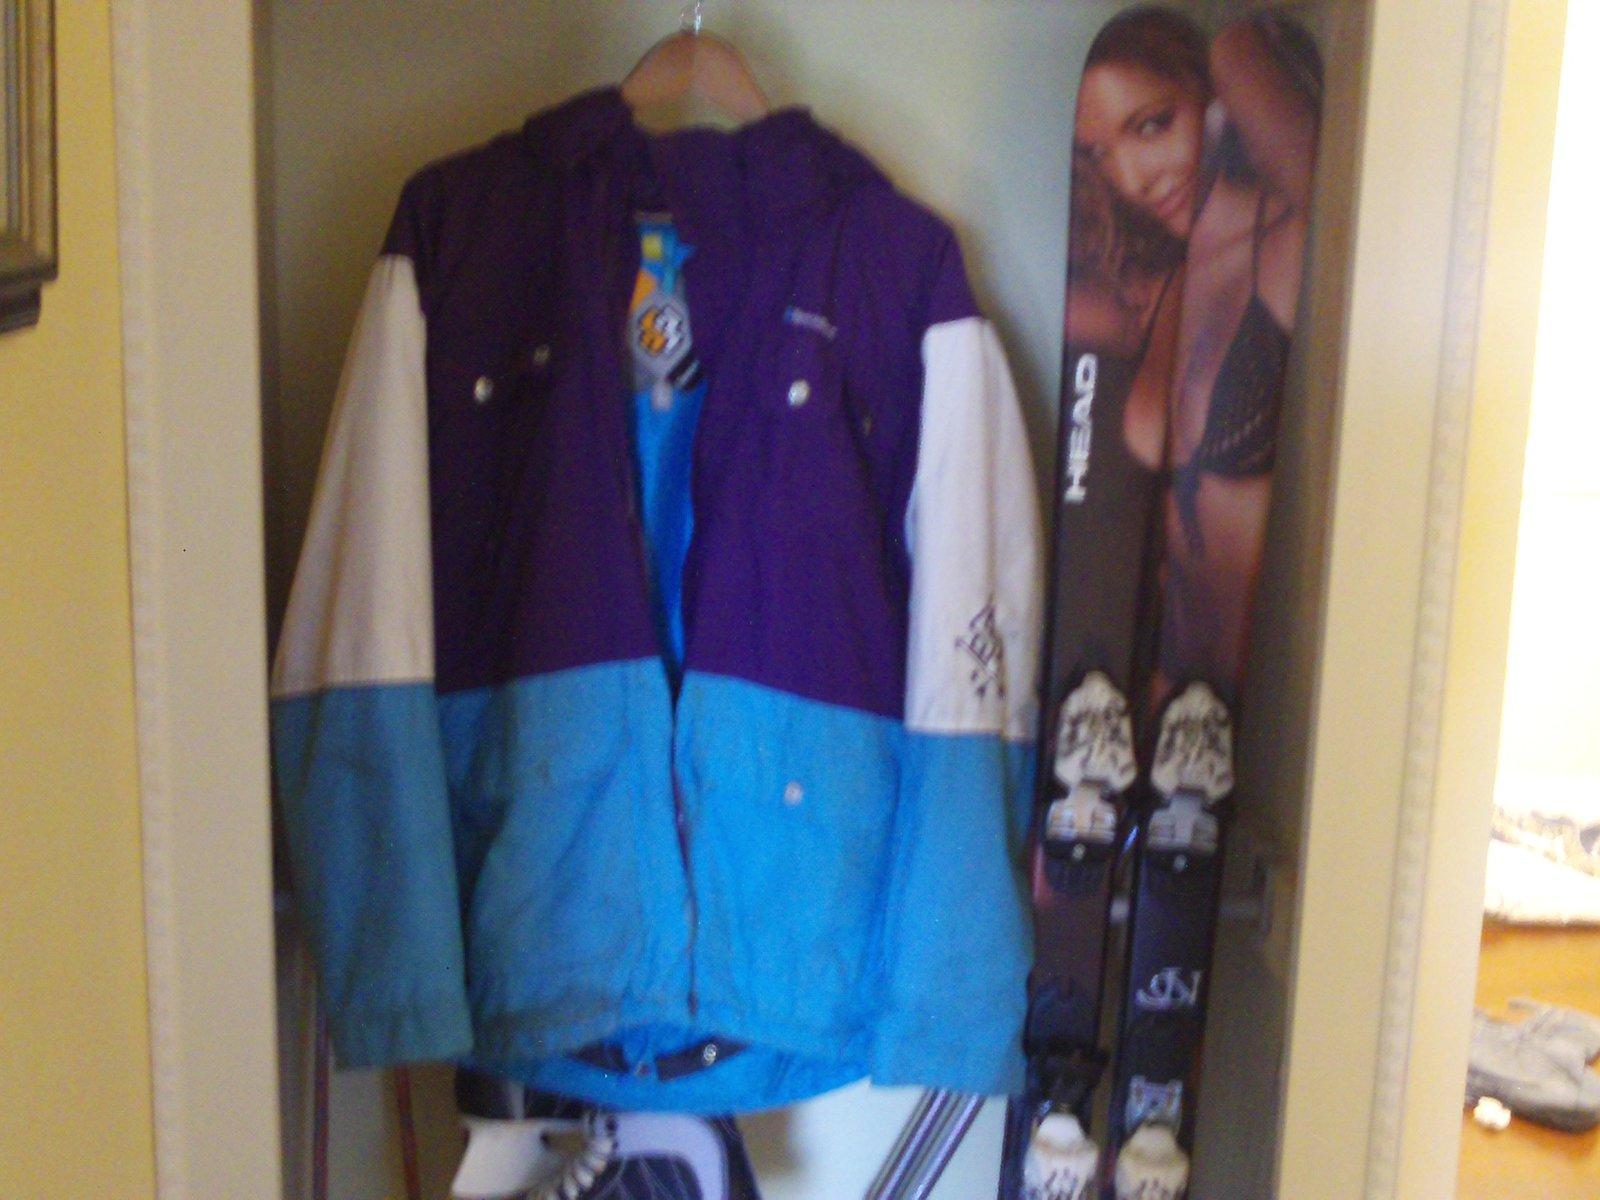 FS beat up SB coat size large